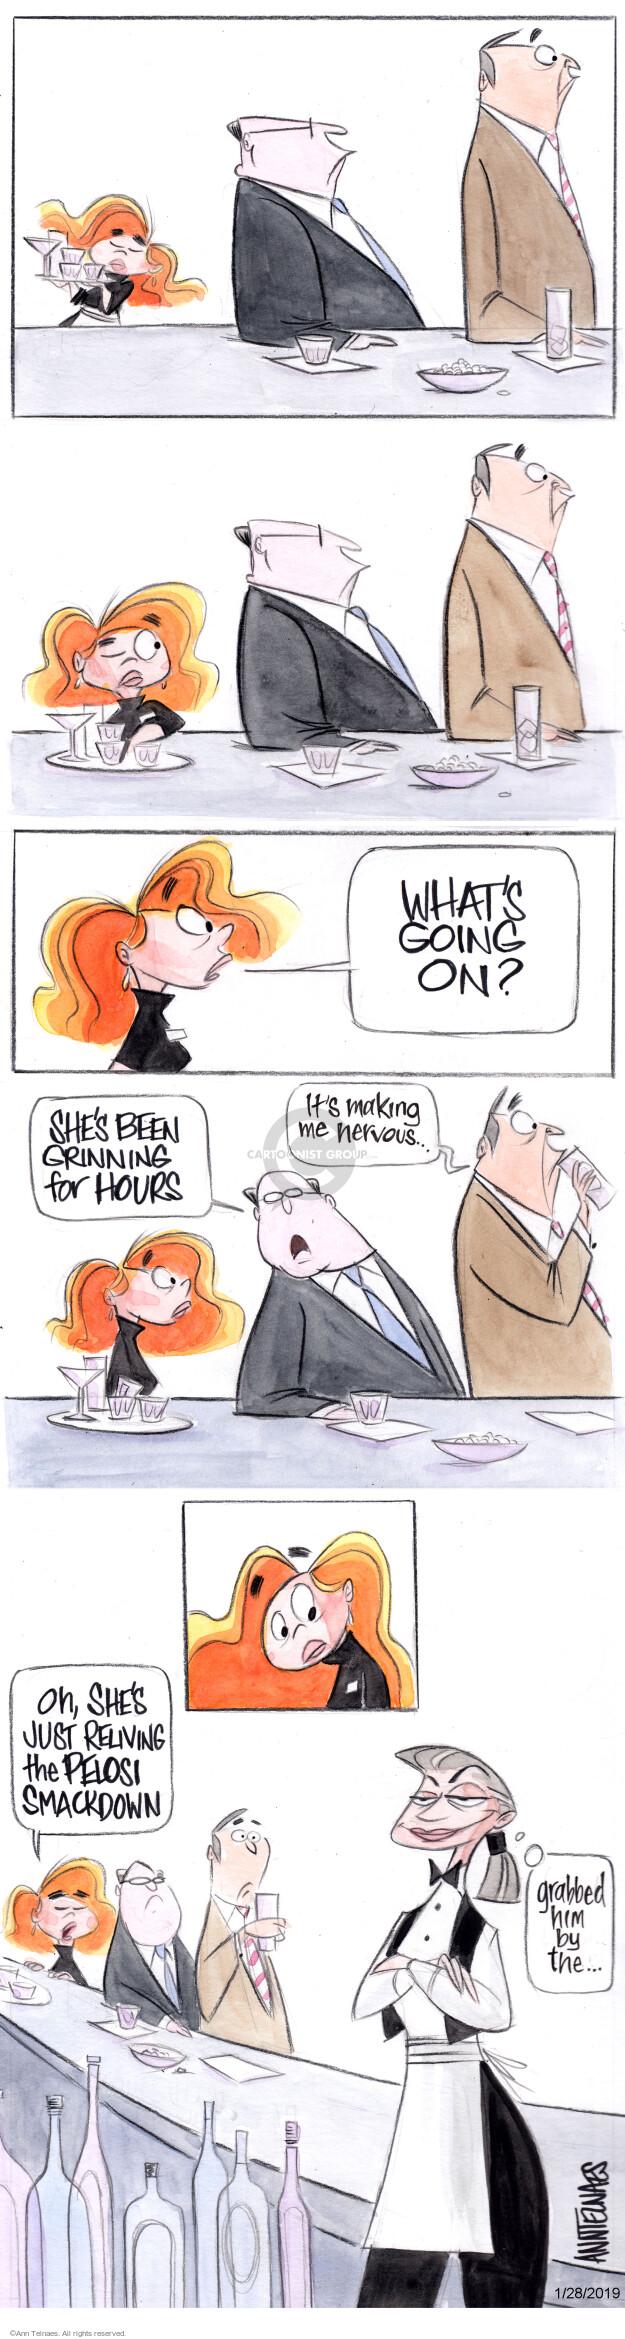 Ann Telnaes  Ann Telnaes' Editorial Cartoons 2019-01-28 state